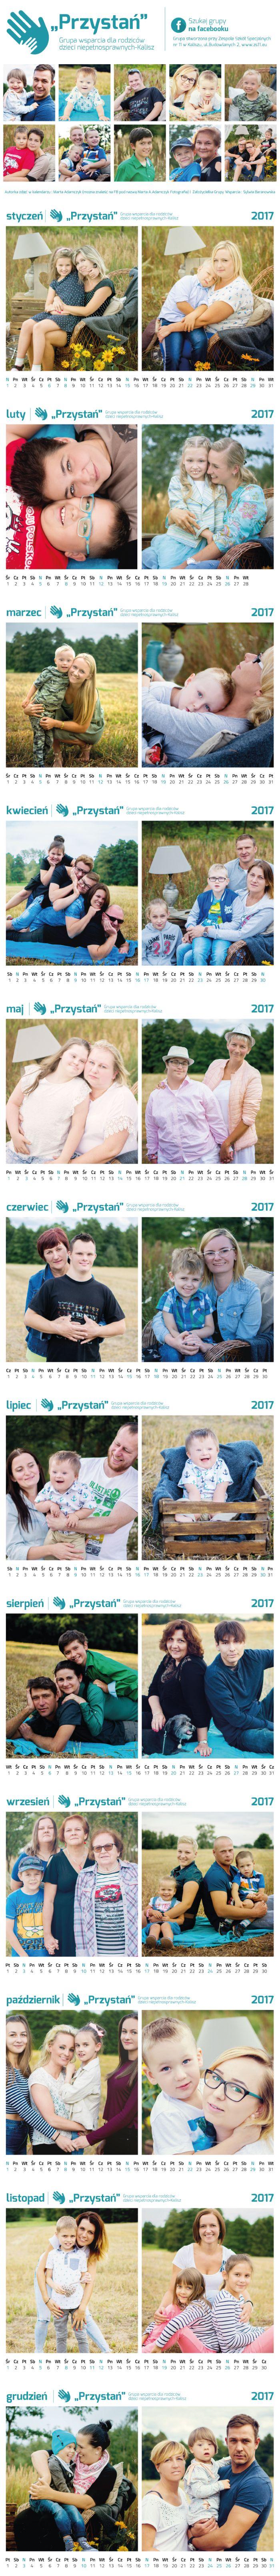 Projekt kalendarza dla Grupy wsparcia dla rodziców dzieci niepełnosprawnych-Kalisz